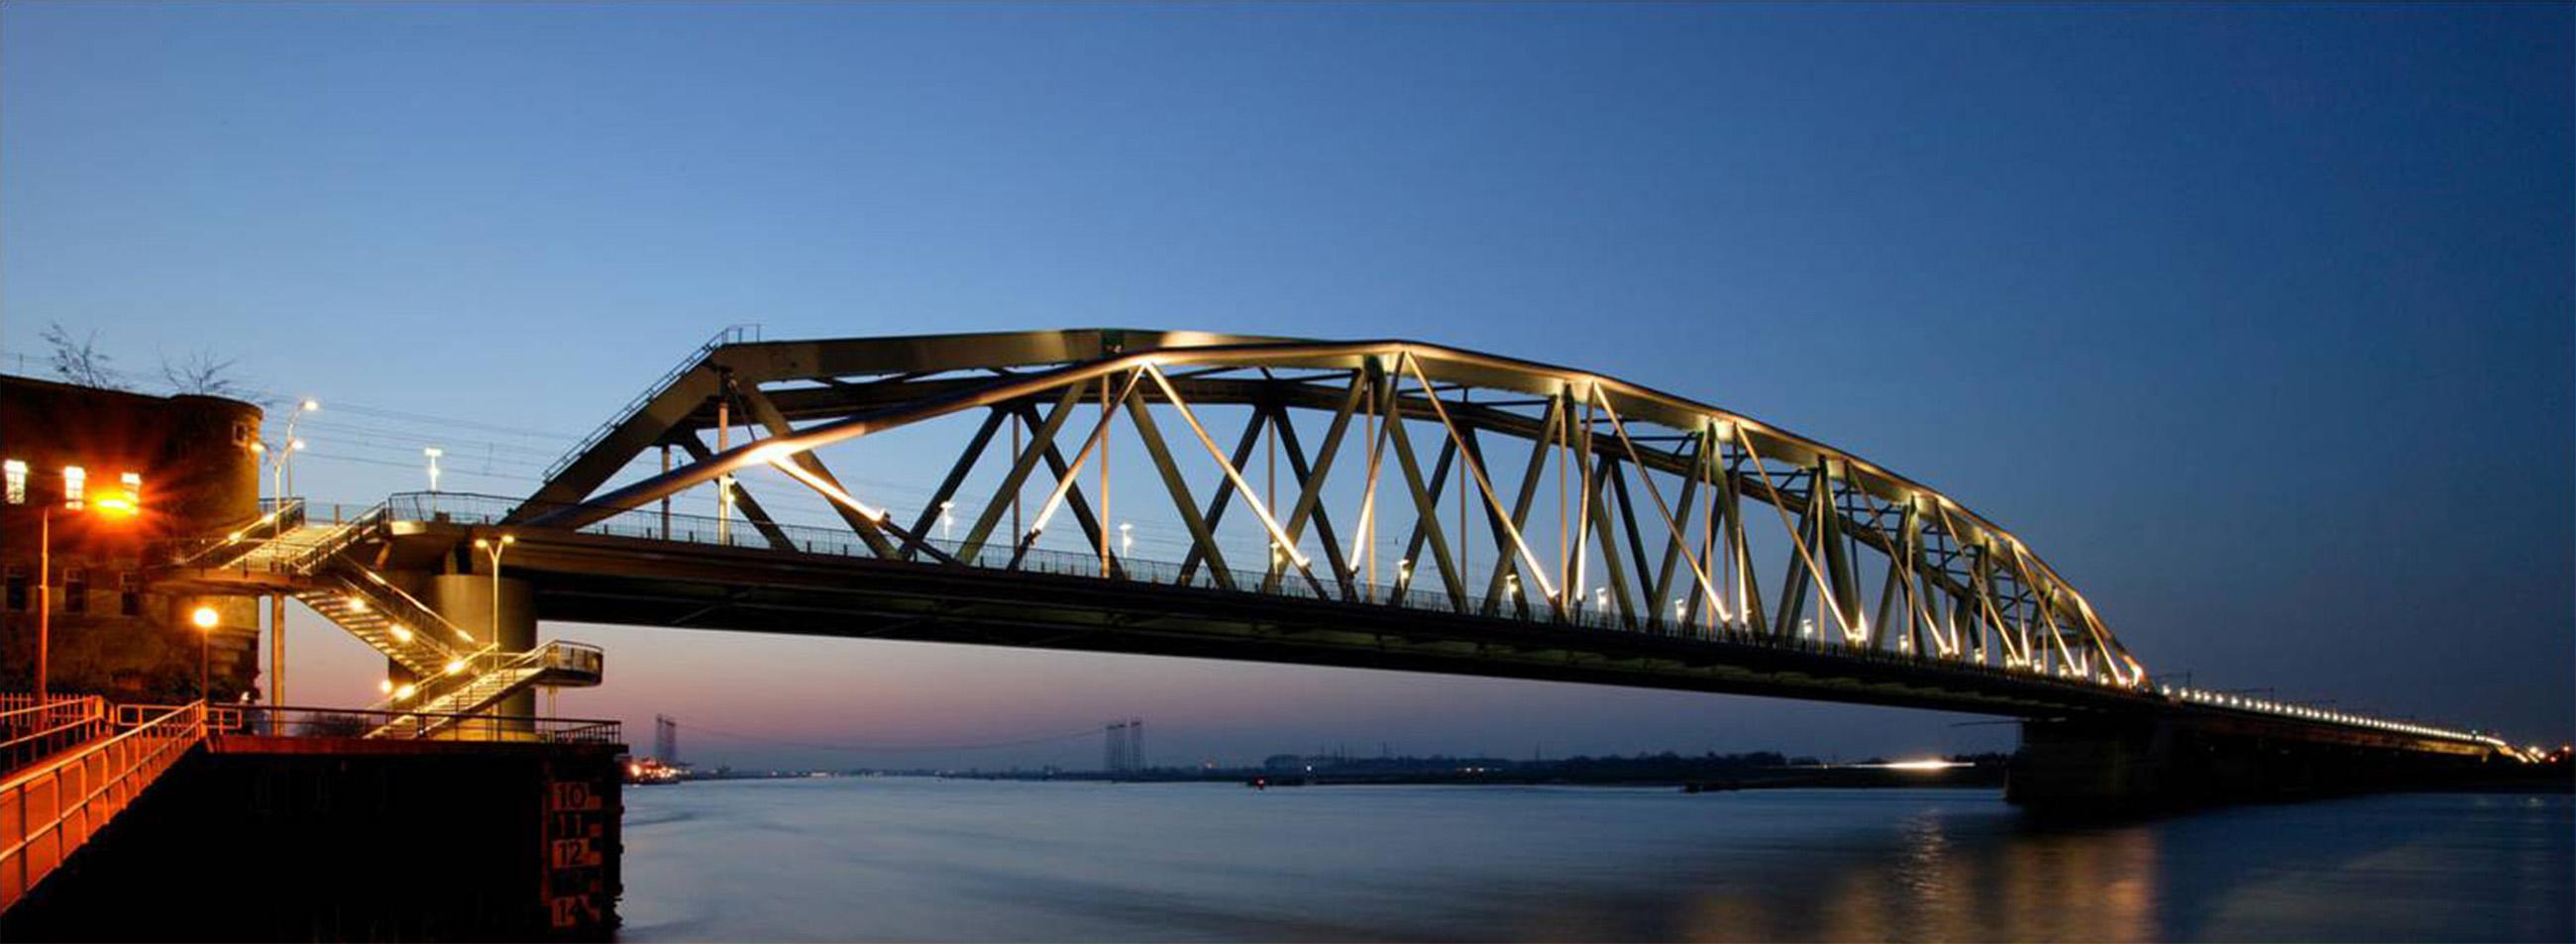 fietsbrug Snelbinder Nijmegen